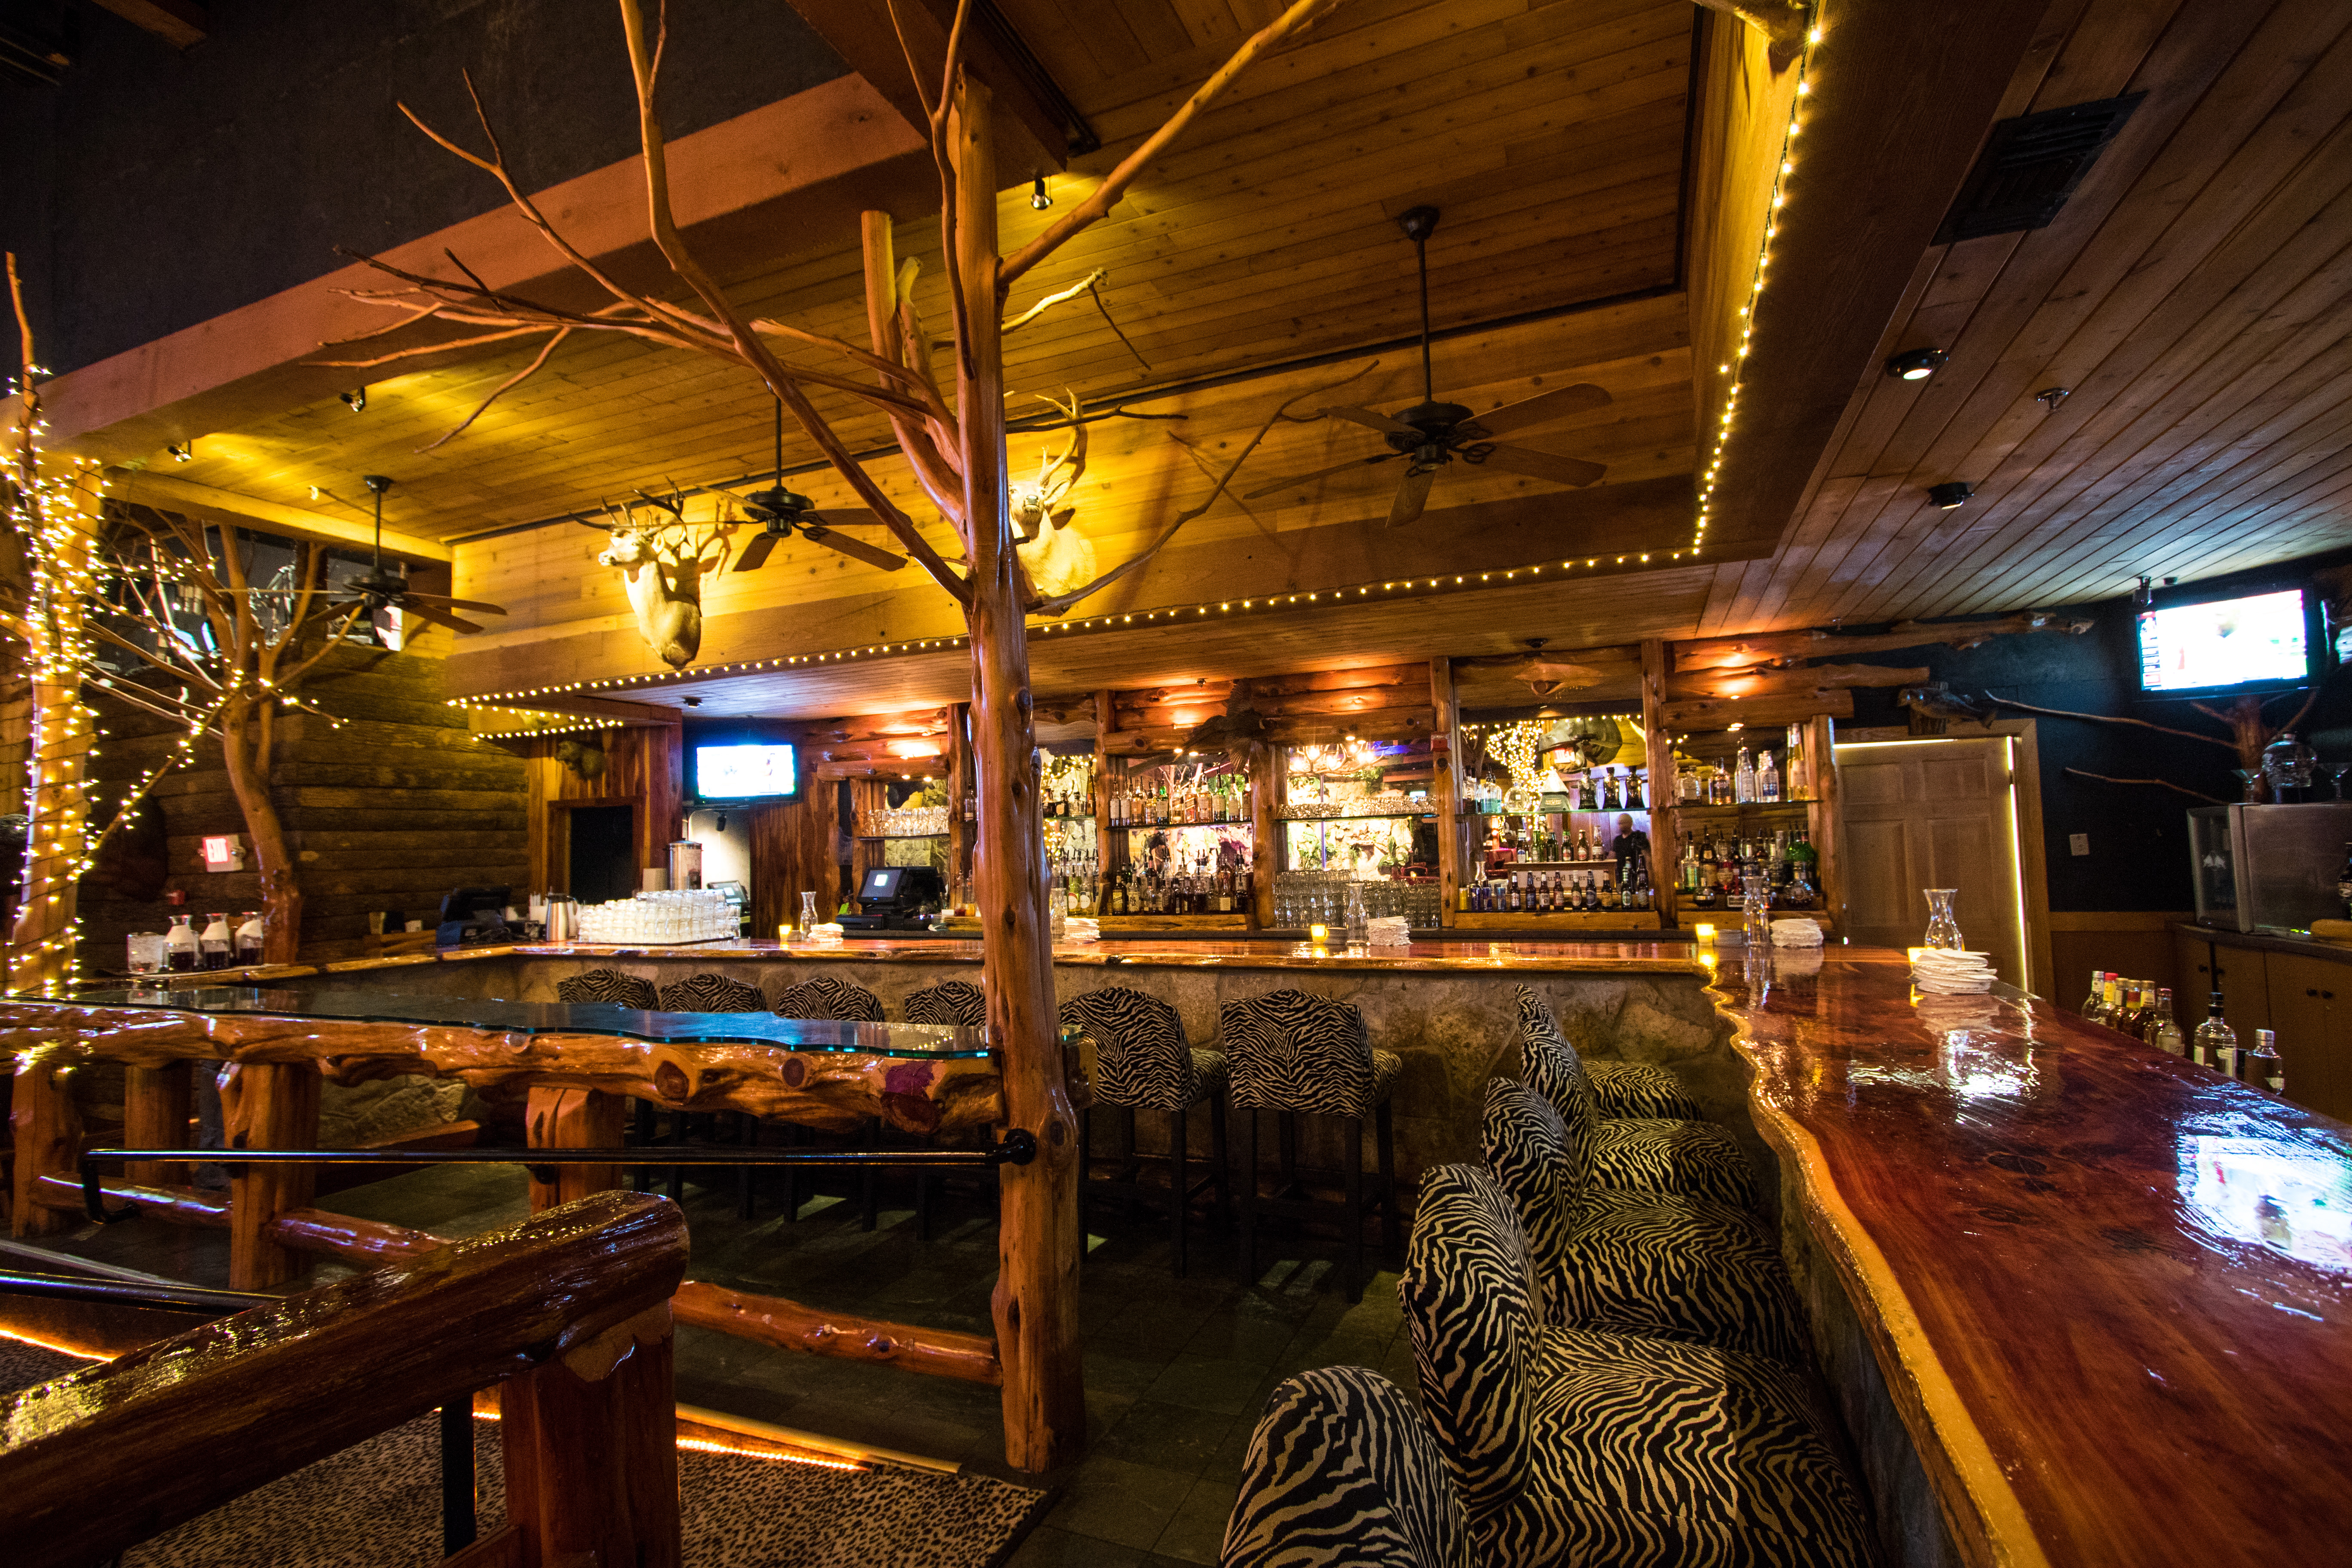 The Lodge Hand-Carved Cedar Main Bar